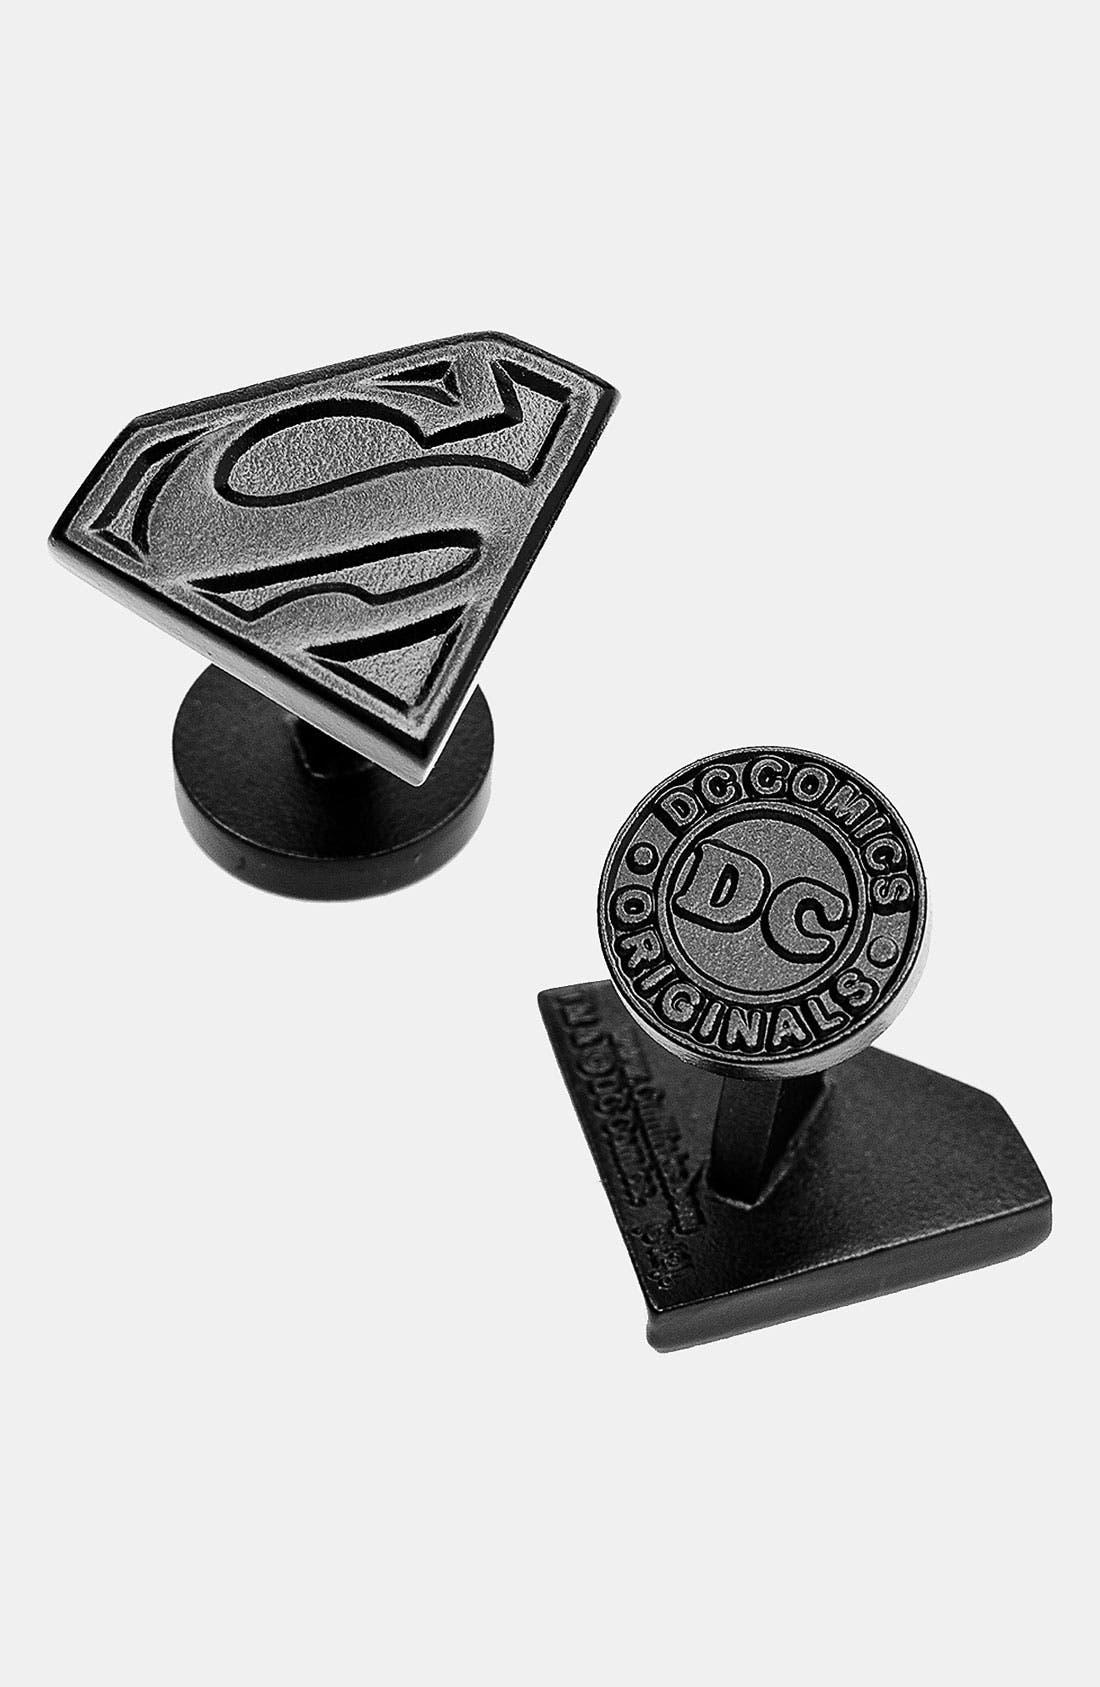 CUFFLINKS, INC. Superman Shield Cuff Links